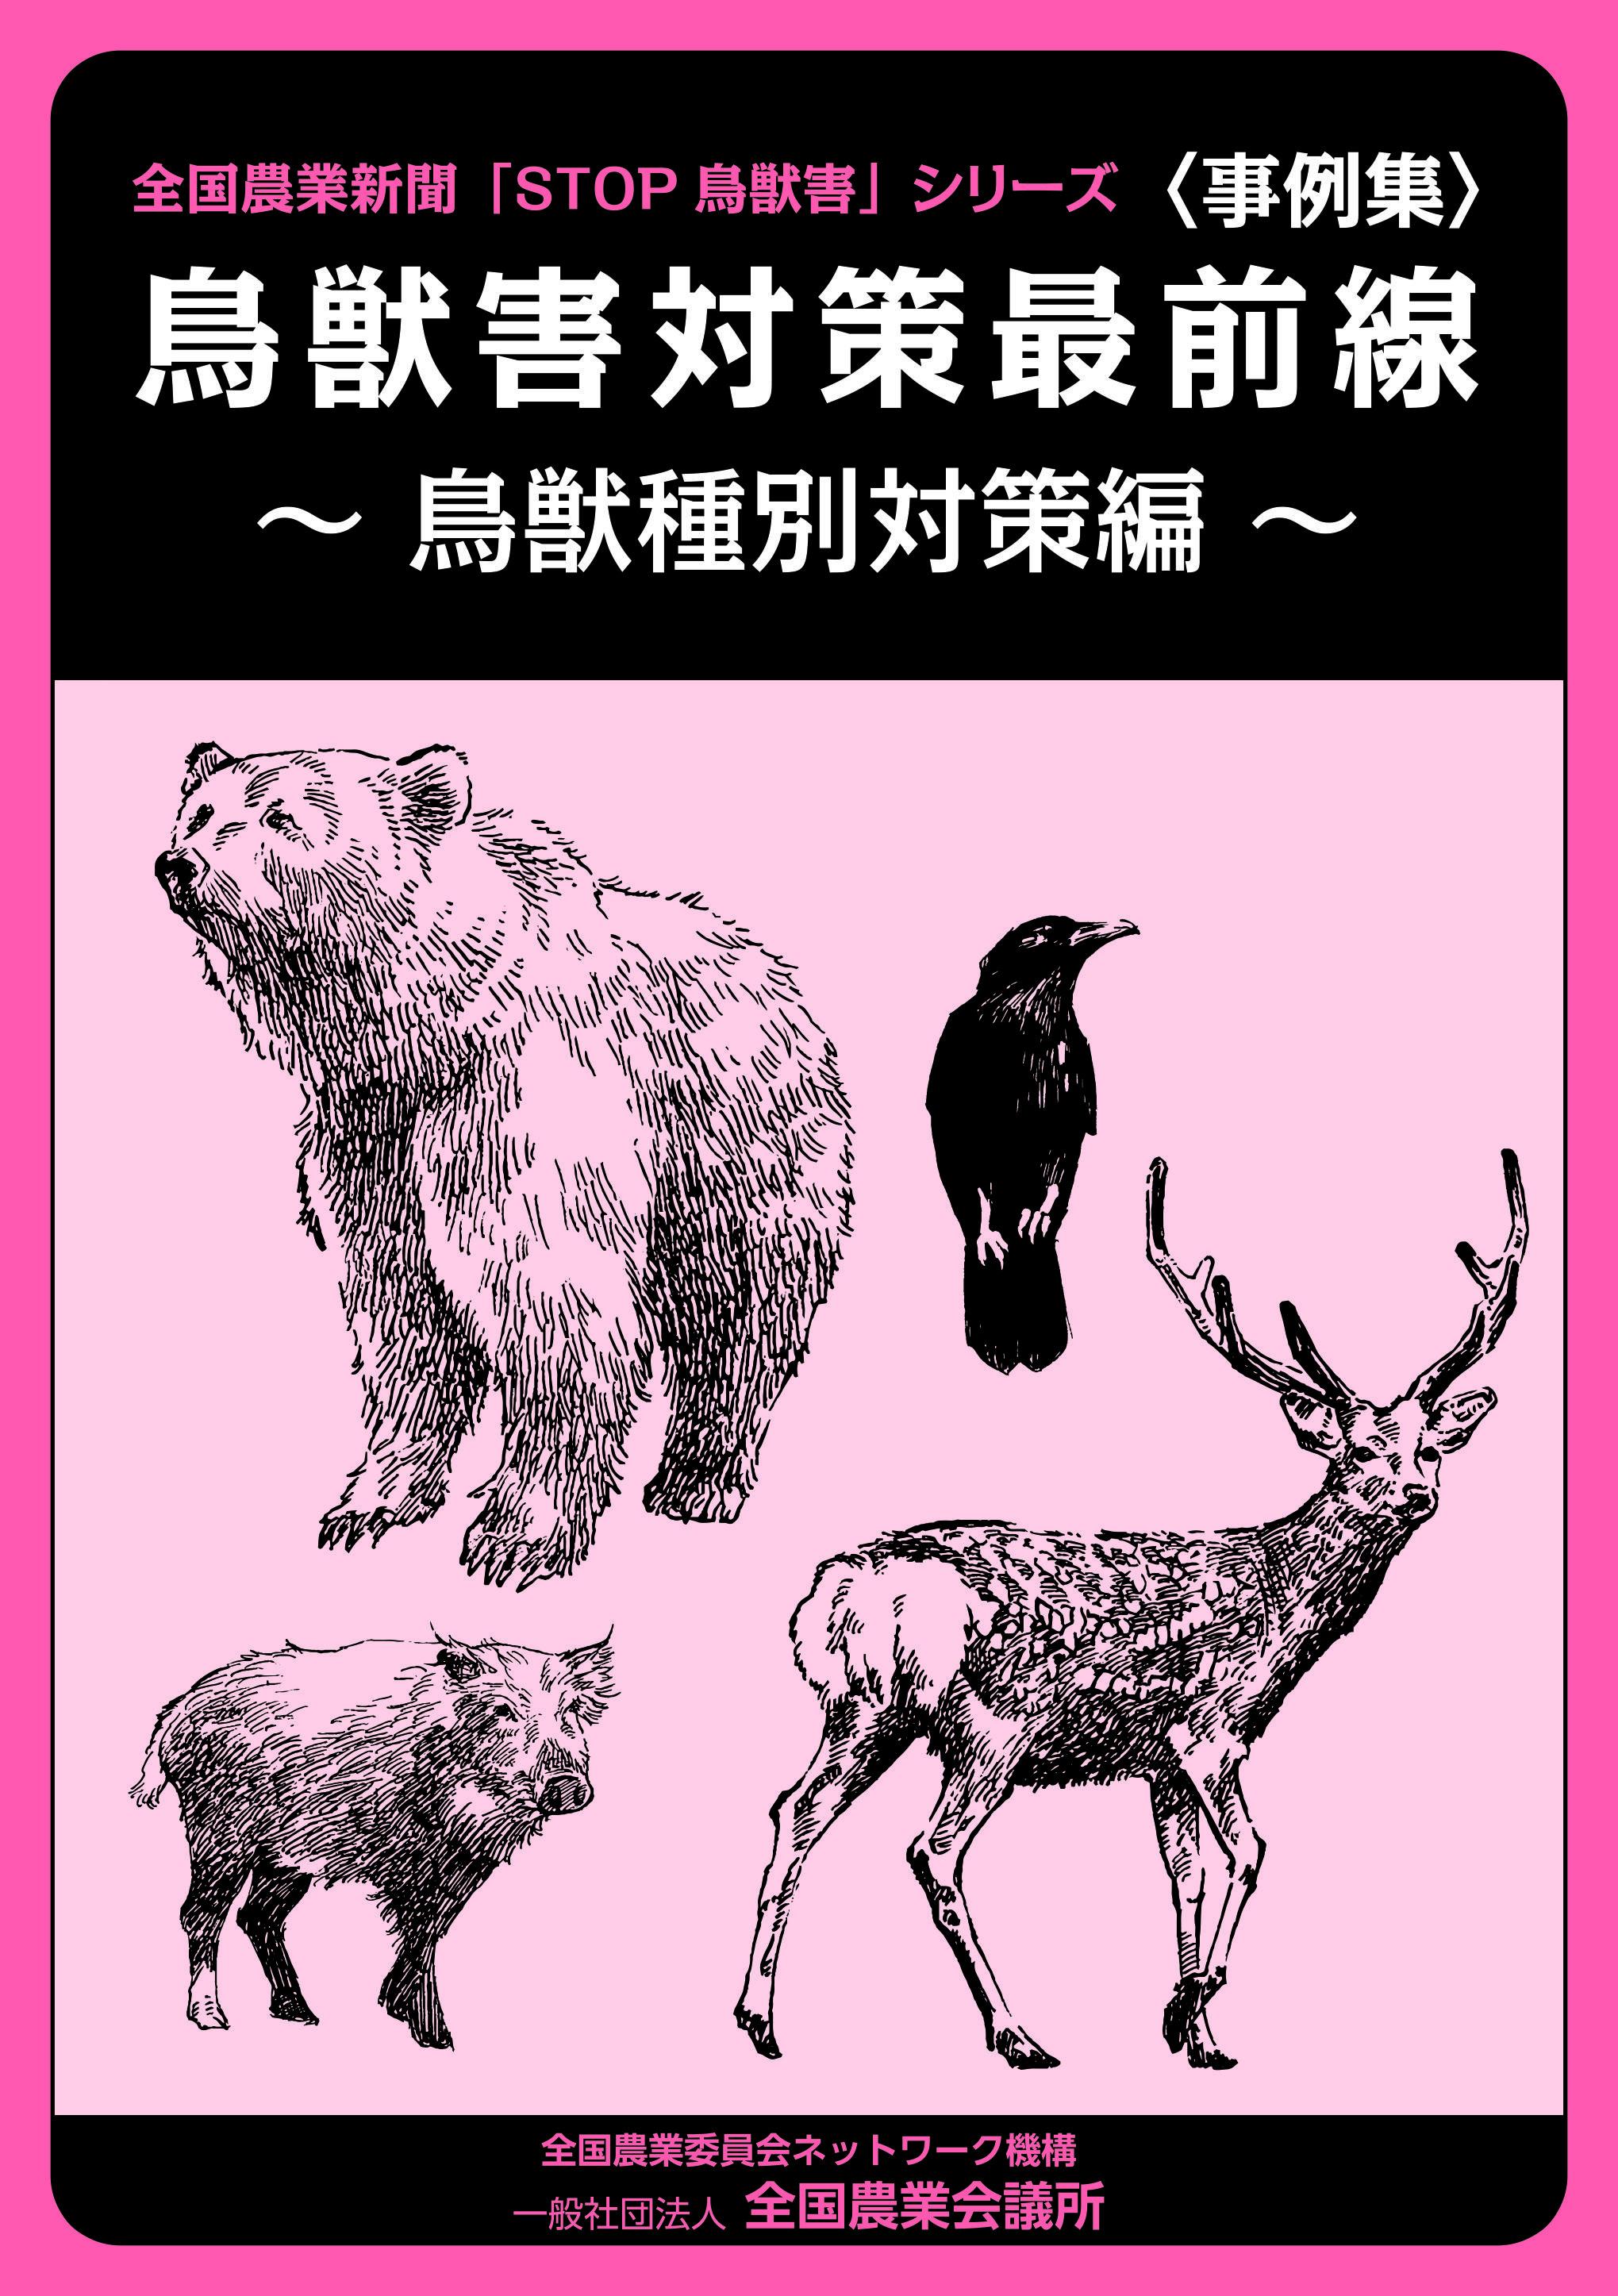 31-25鳥獣害対策_鳥獣種別対策編.jpg